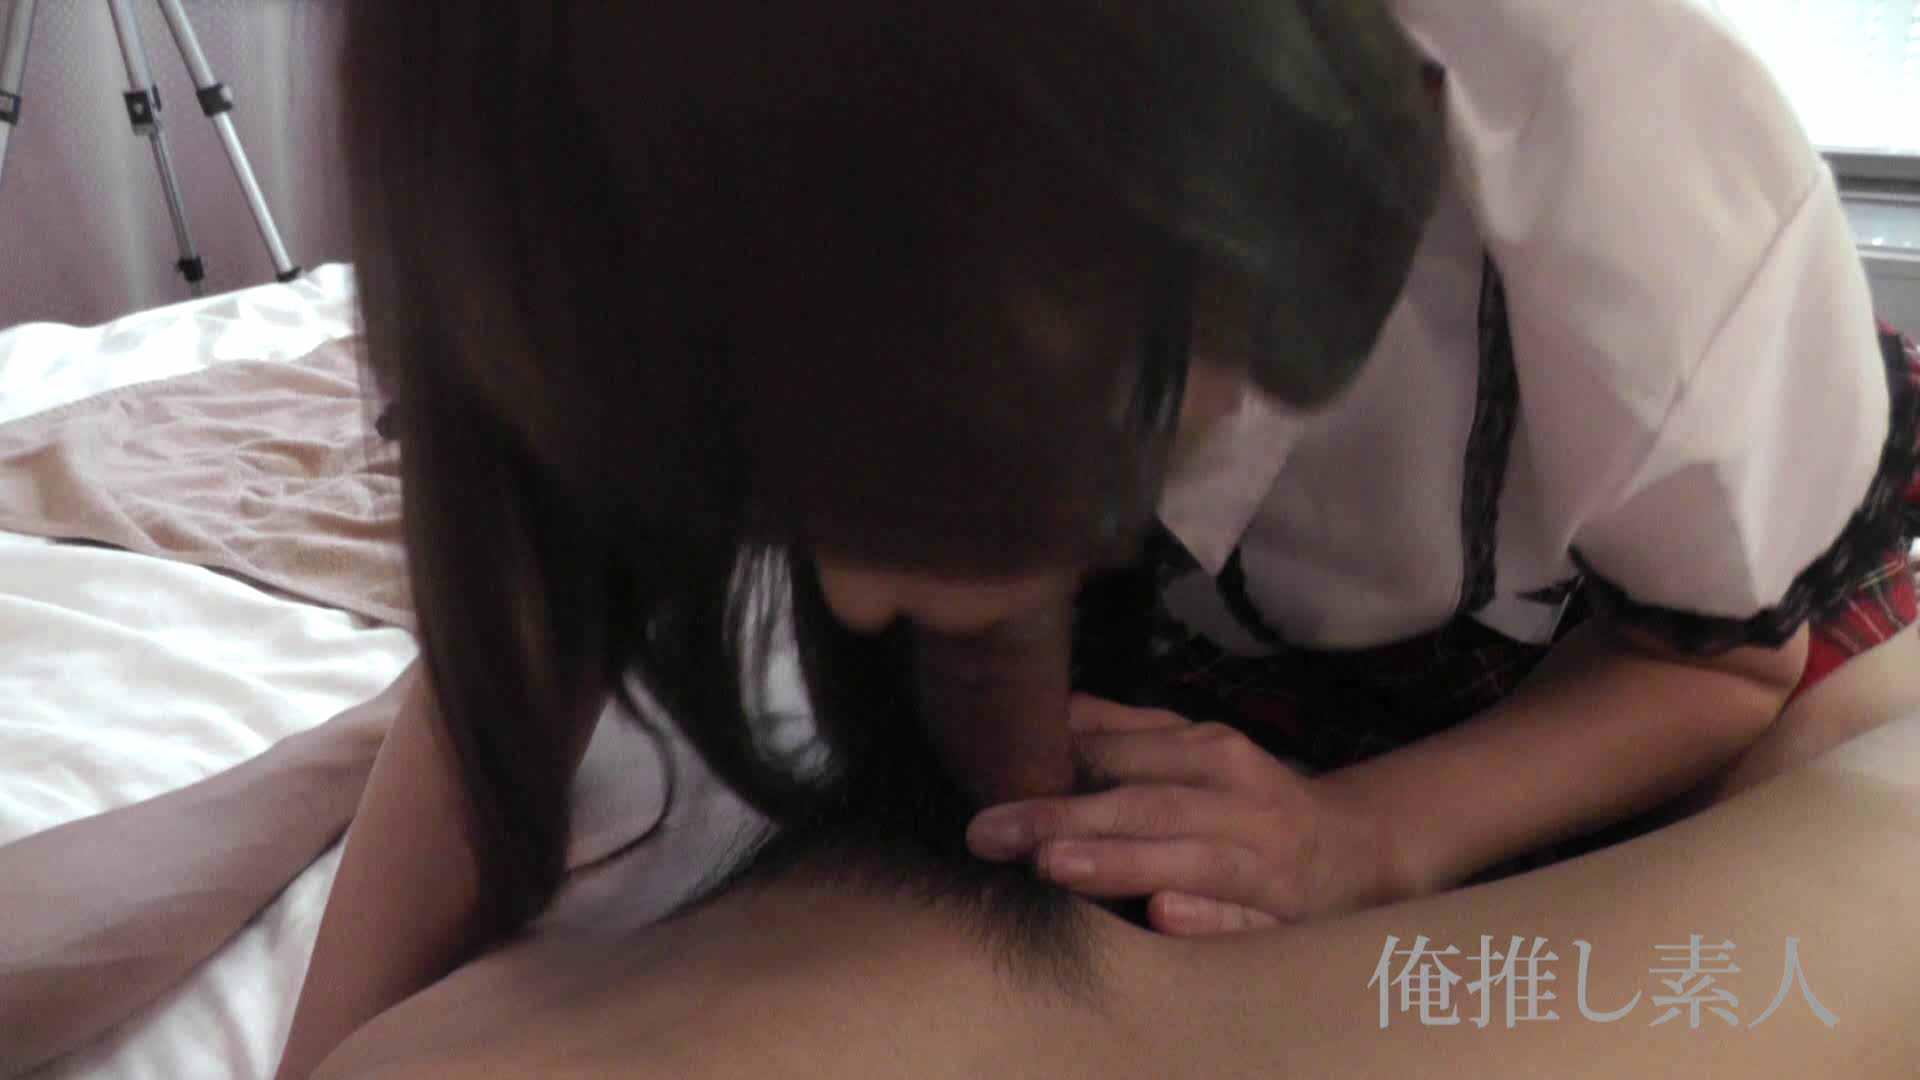 俺推し素人 EカップシングルマザーOL30歳瑤子vol3 OL裸体 | 一般投稿  57画像 29